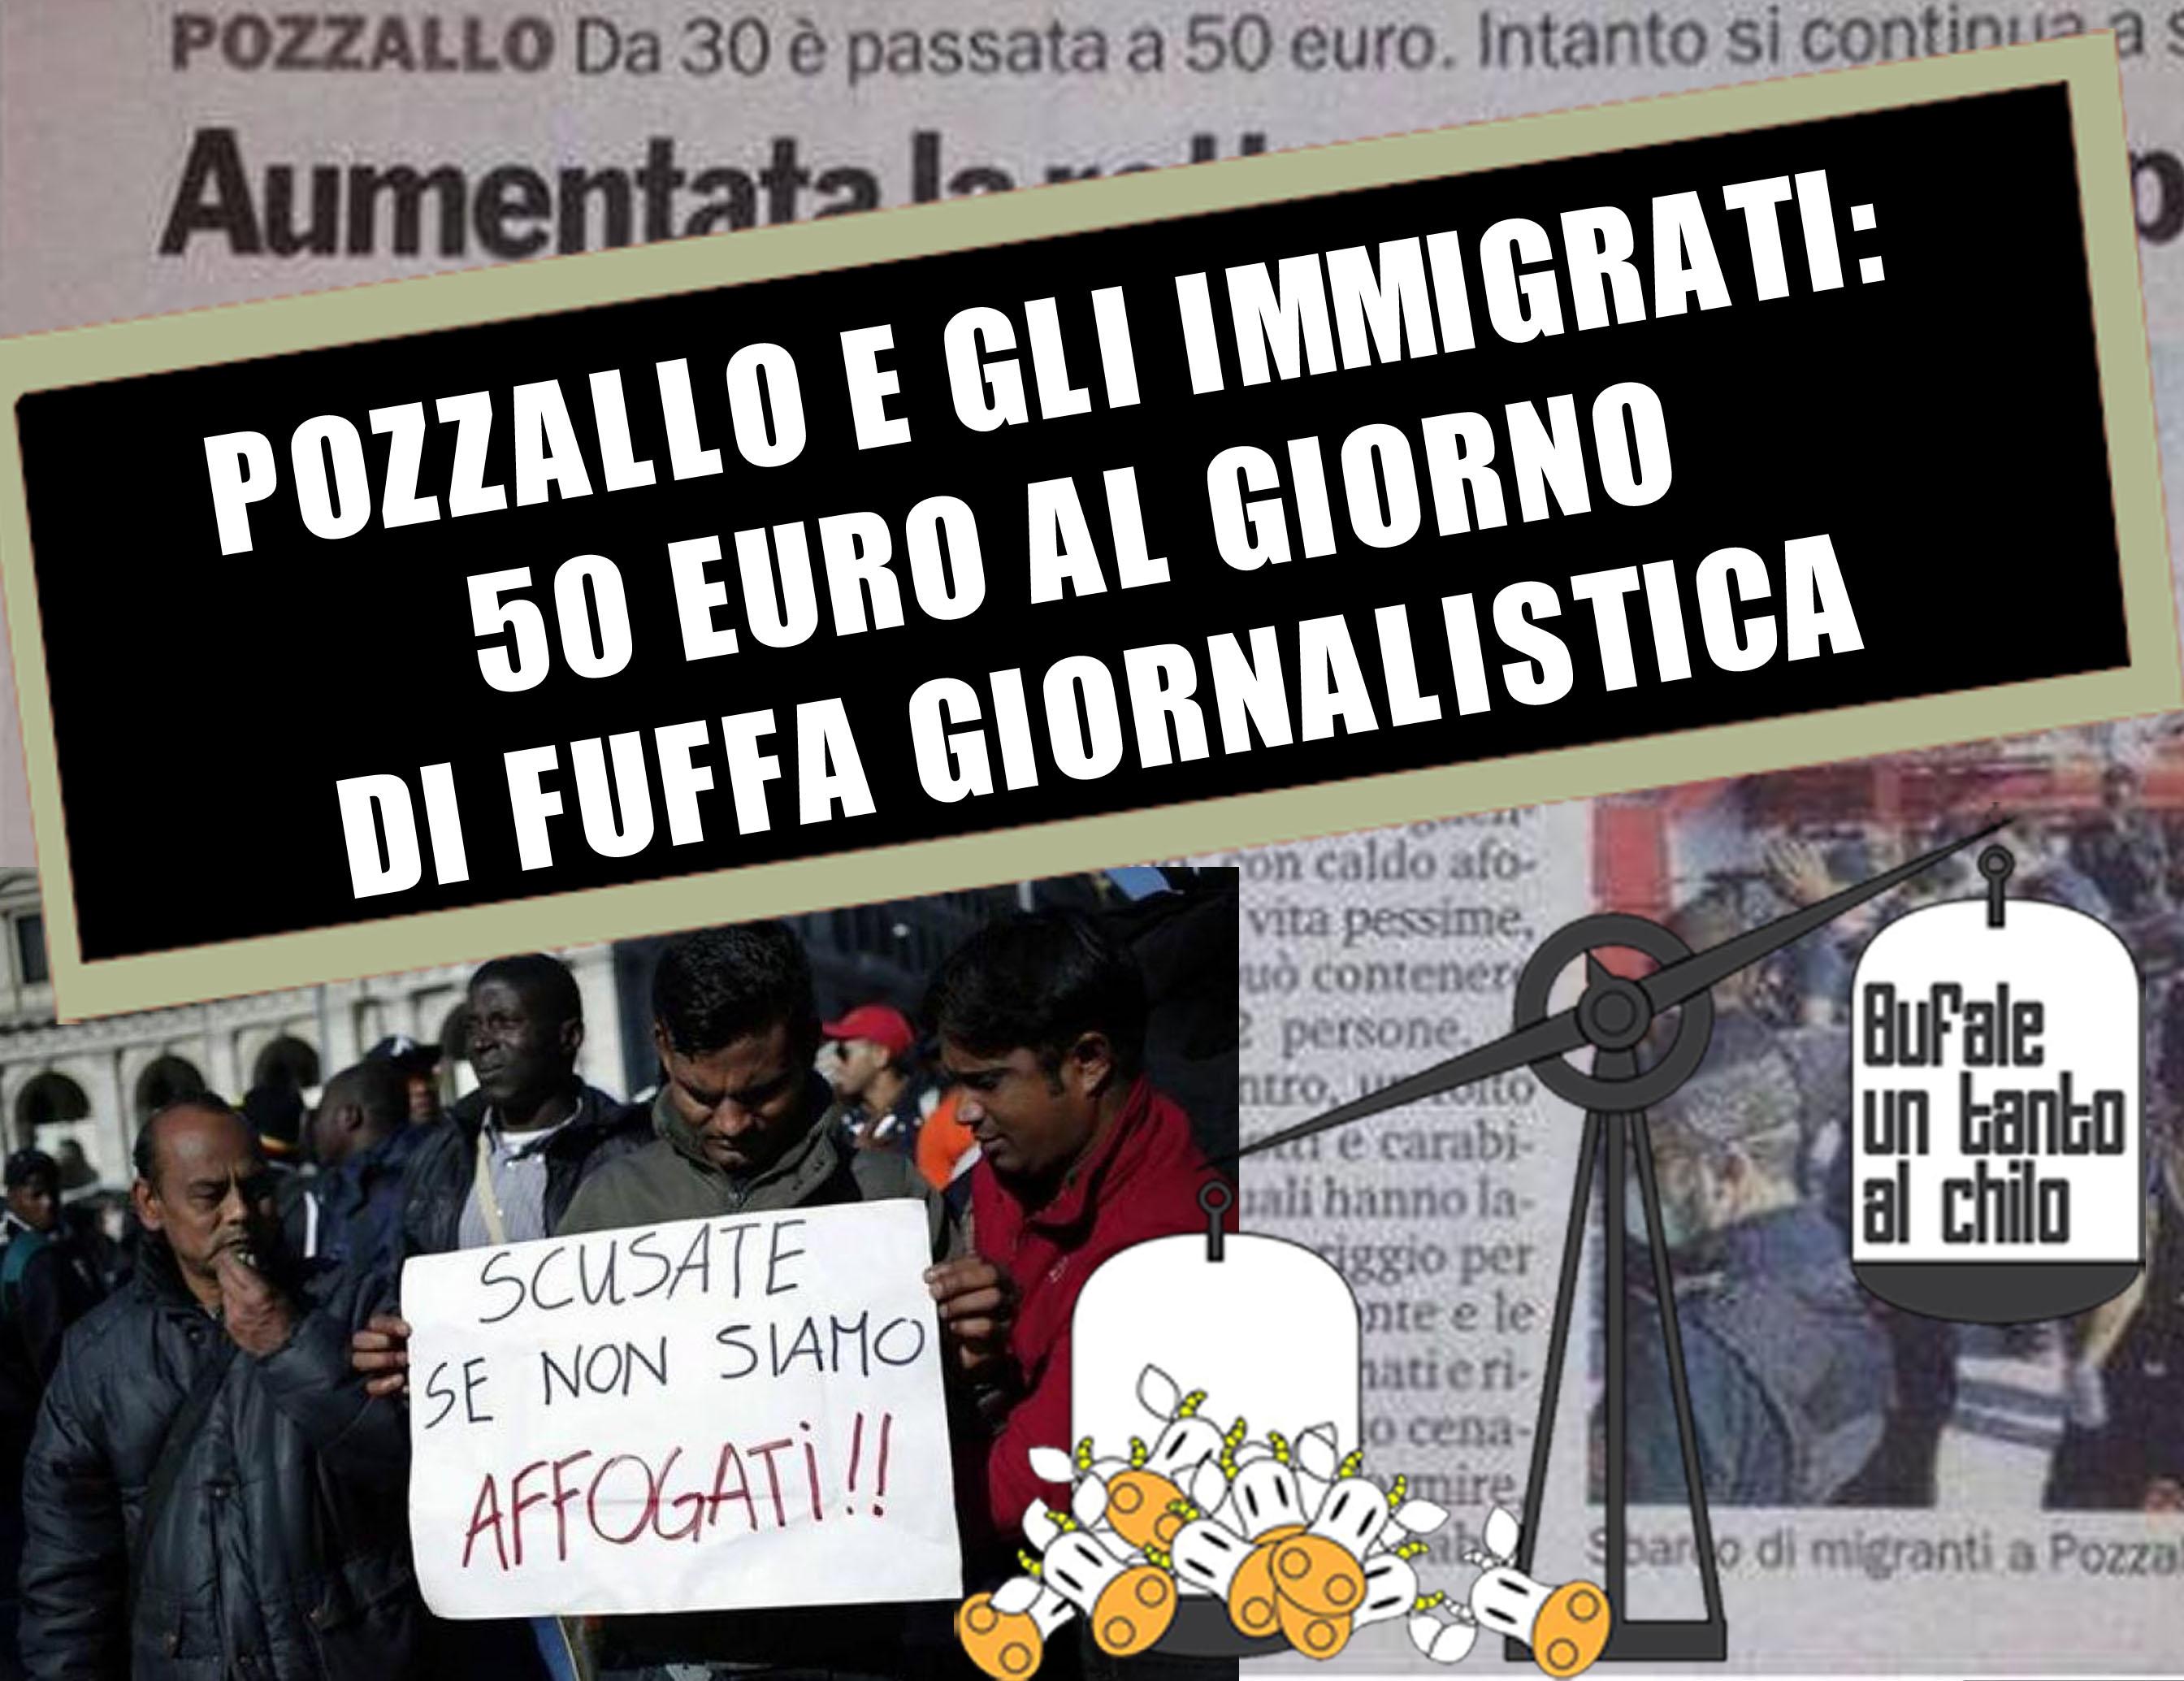 pozzallo-50euro immigrato